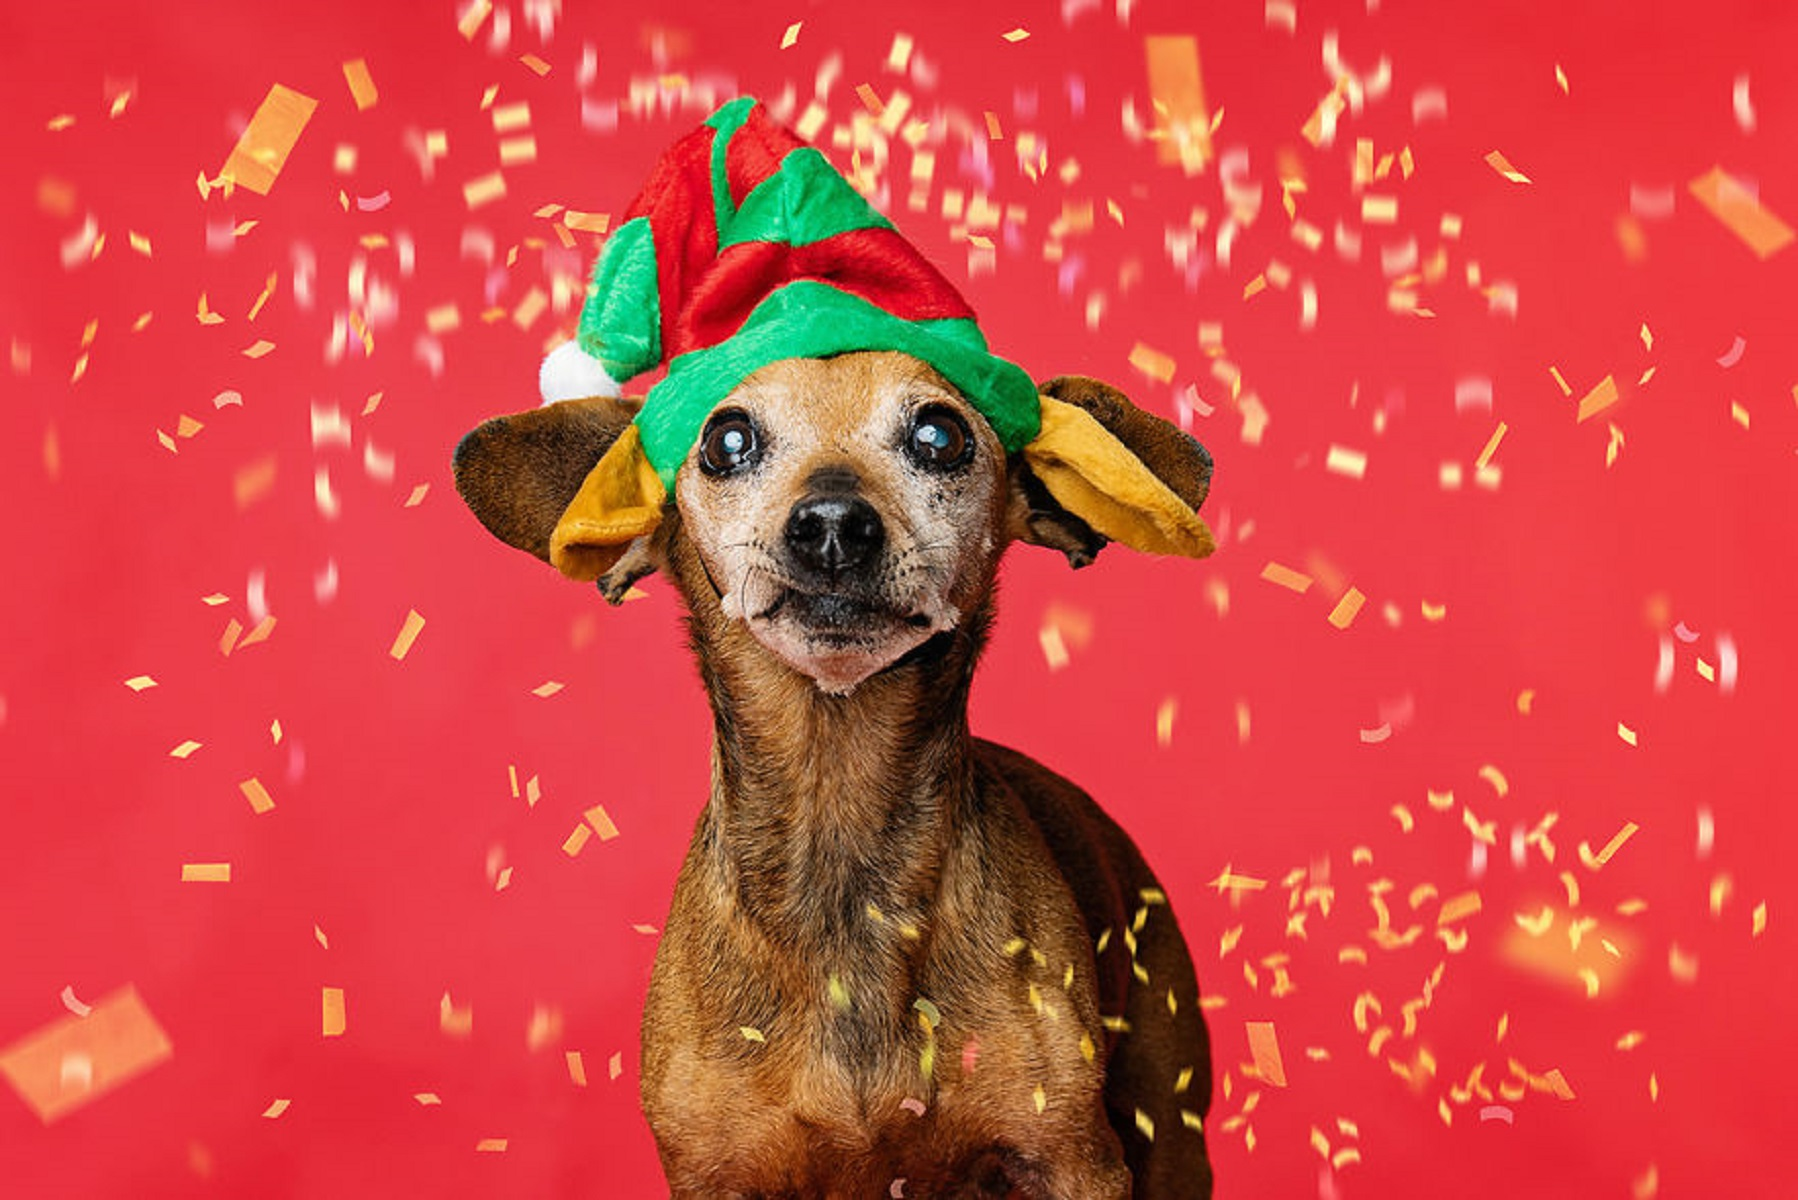 12 caes do Natal essa sessao de fotos natalinas vai te ajudar a entrar no espirito natalino 3